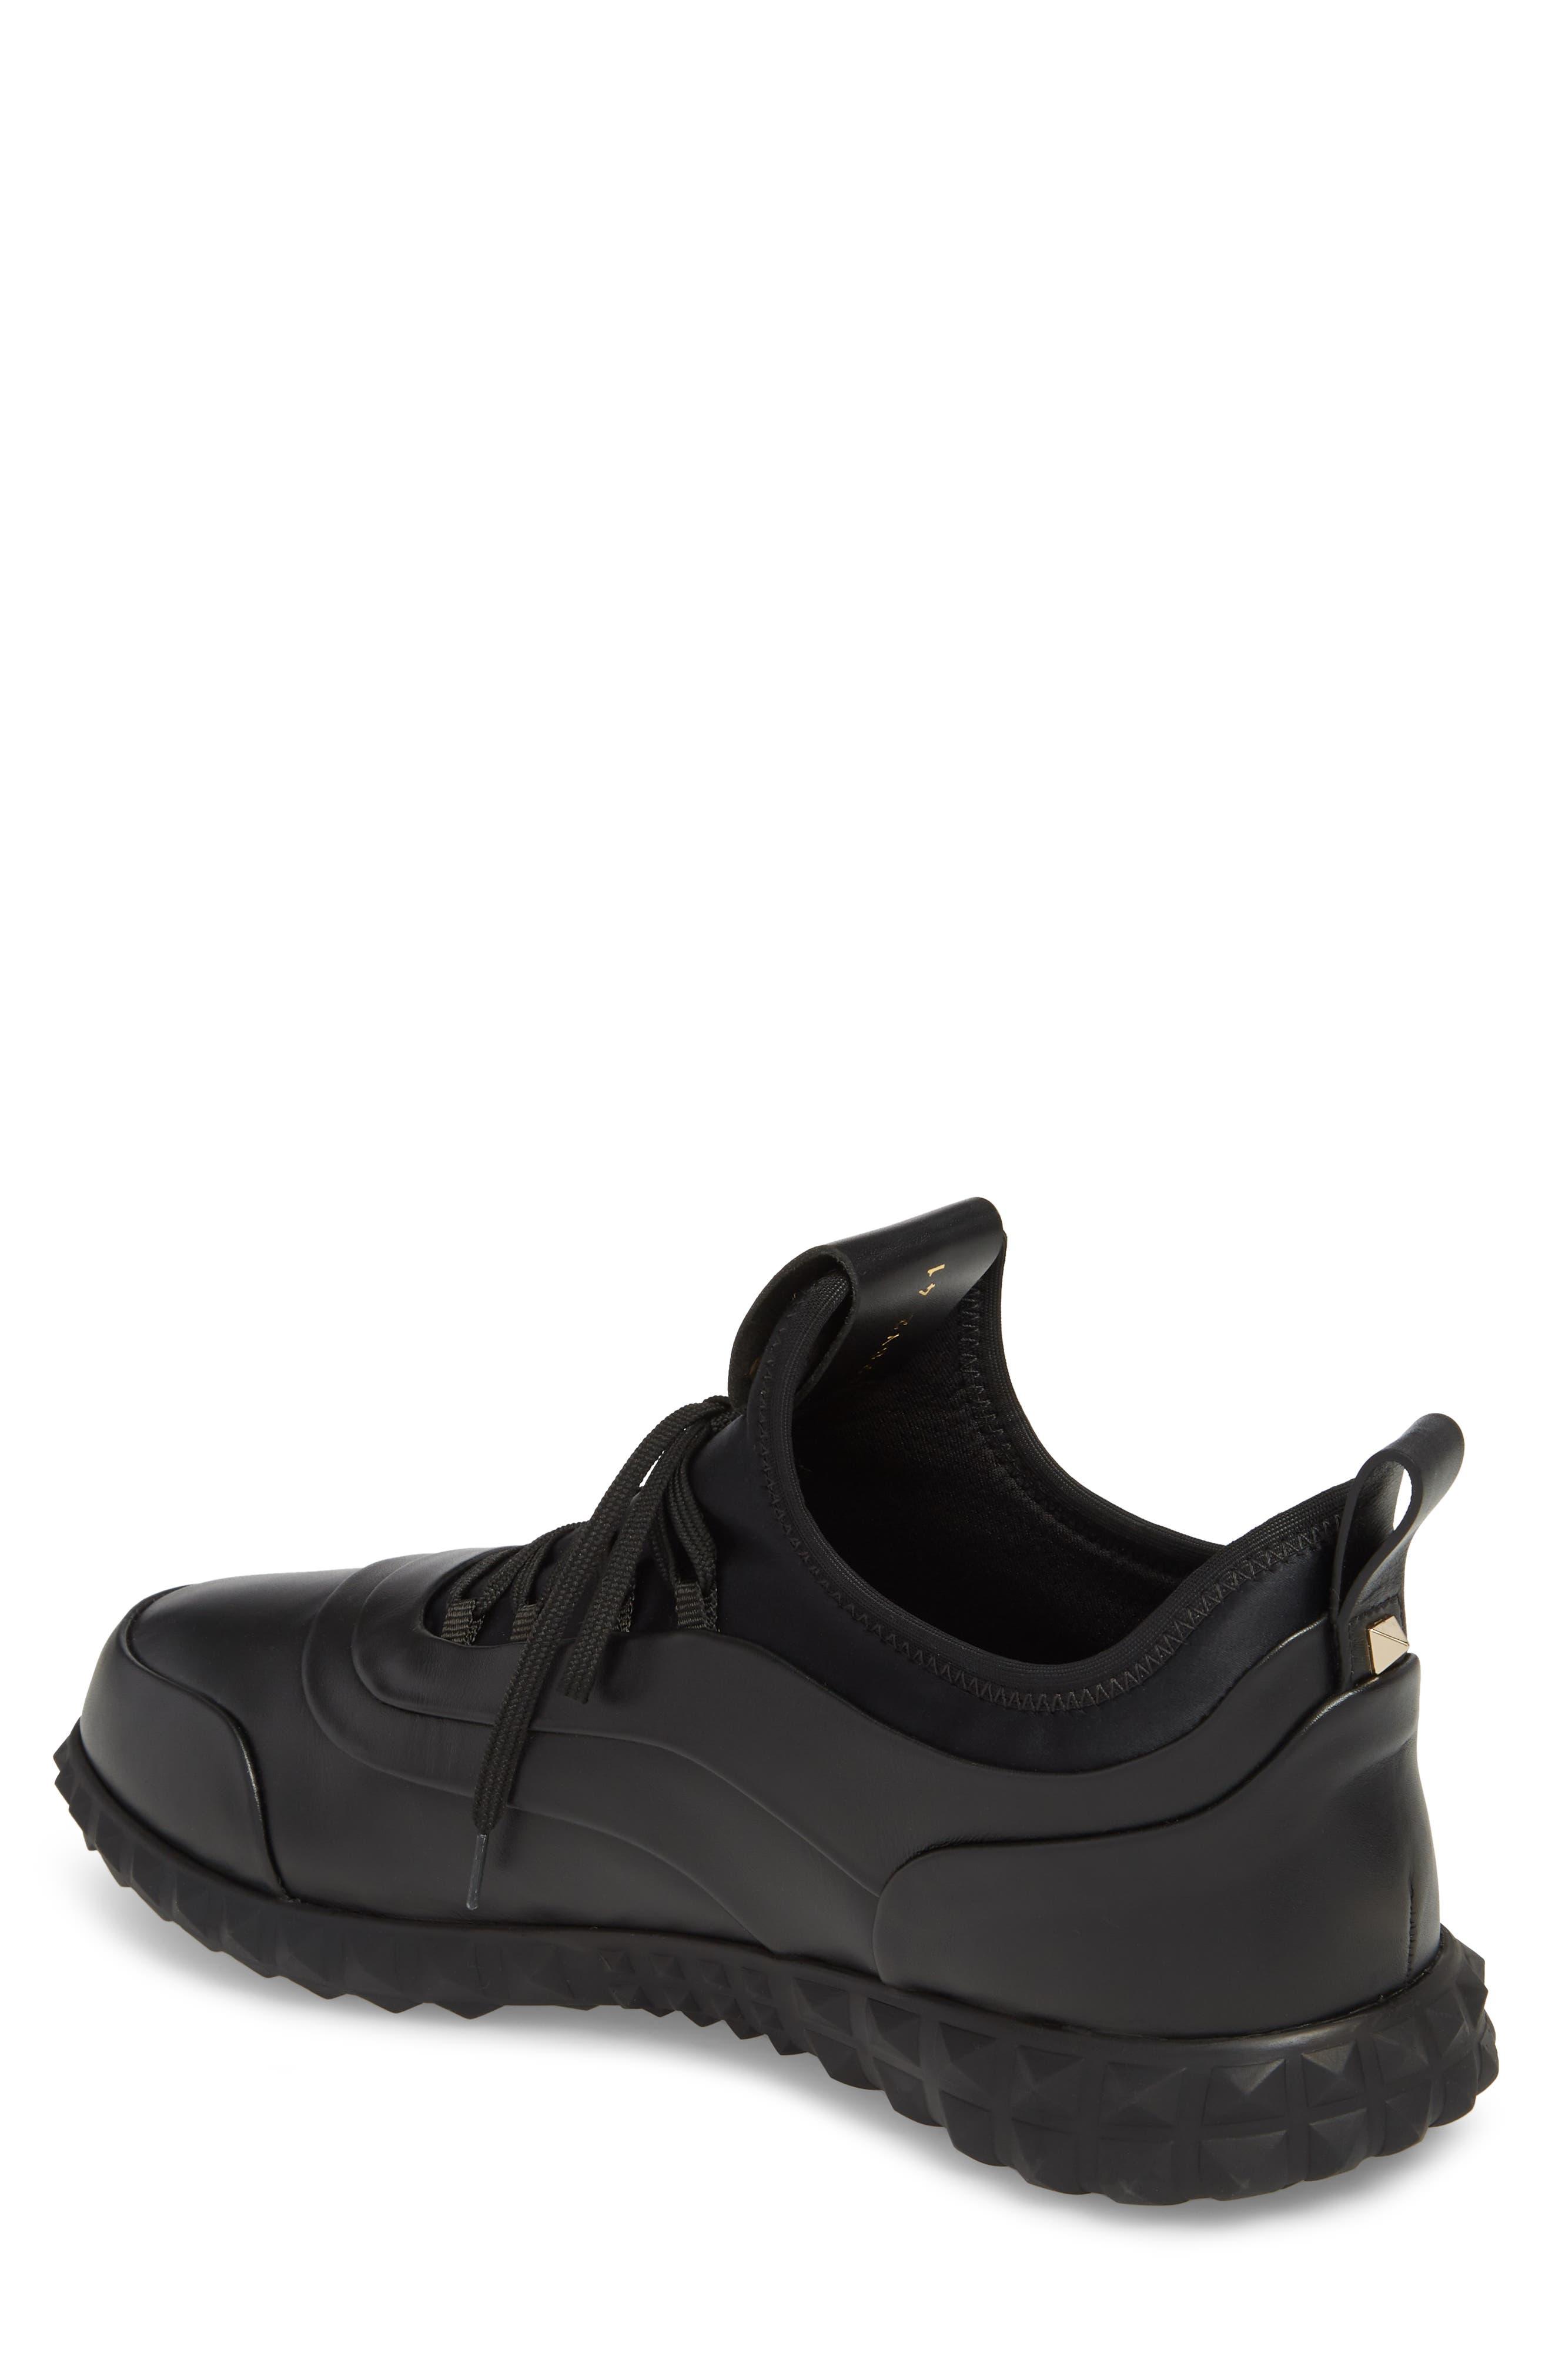 Bodytech Sneaker,                             Alternate thumbnail 2, color,                             BLACK/ BLACK